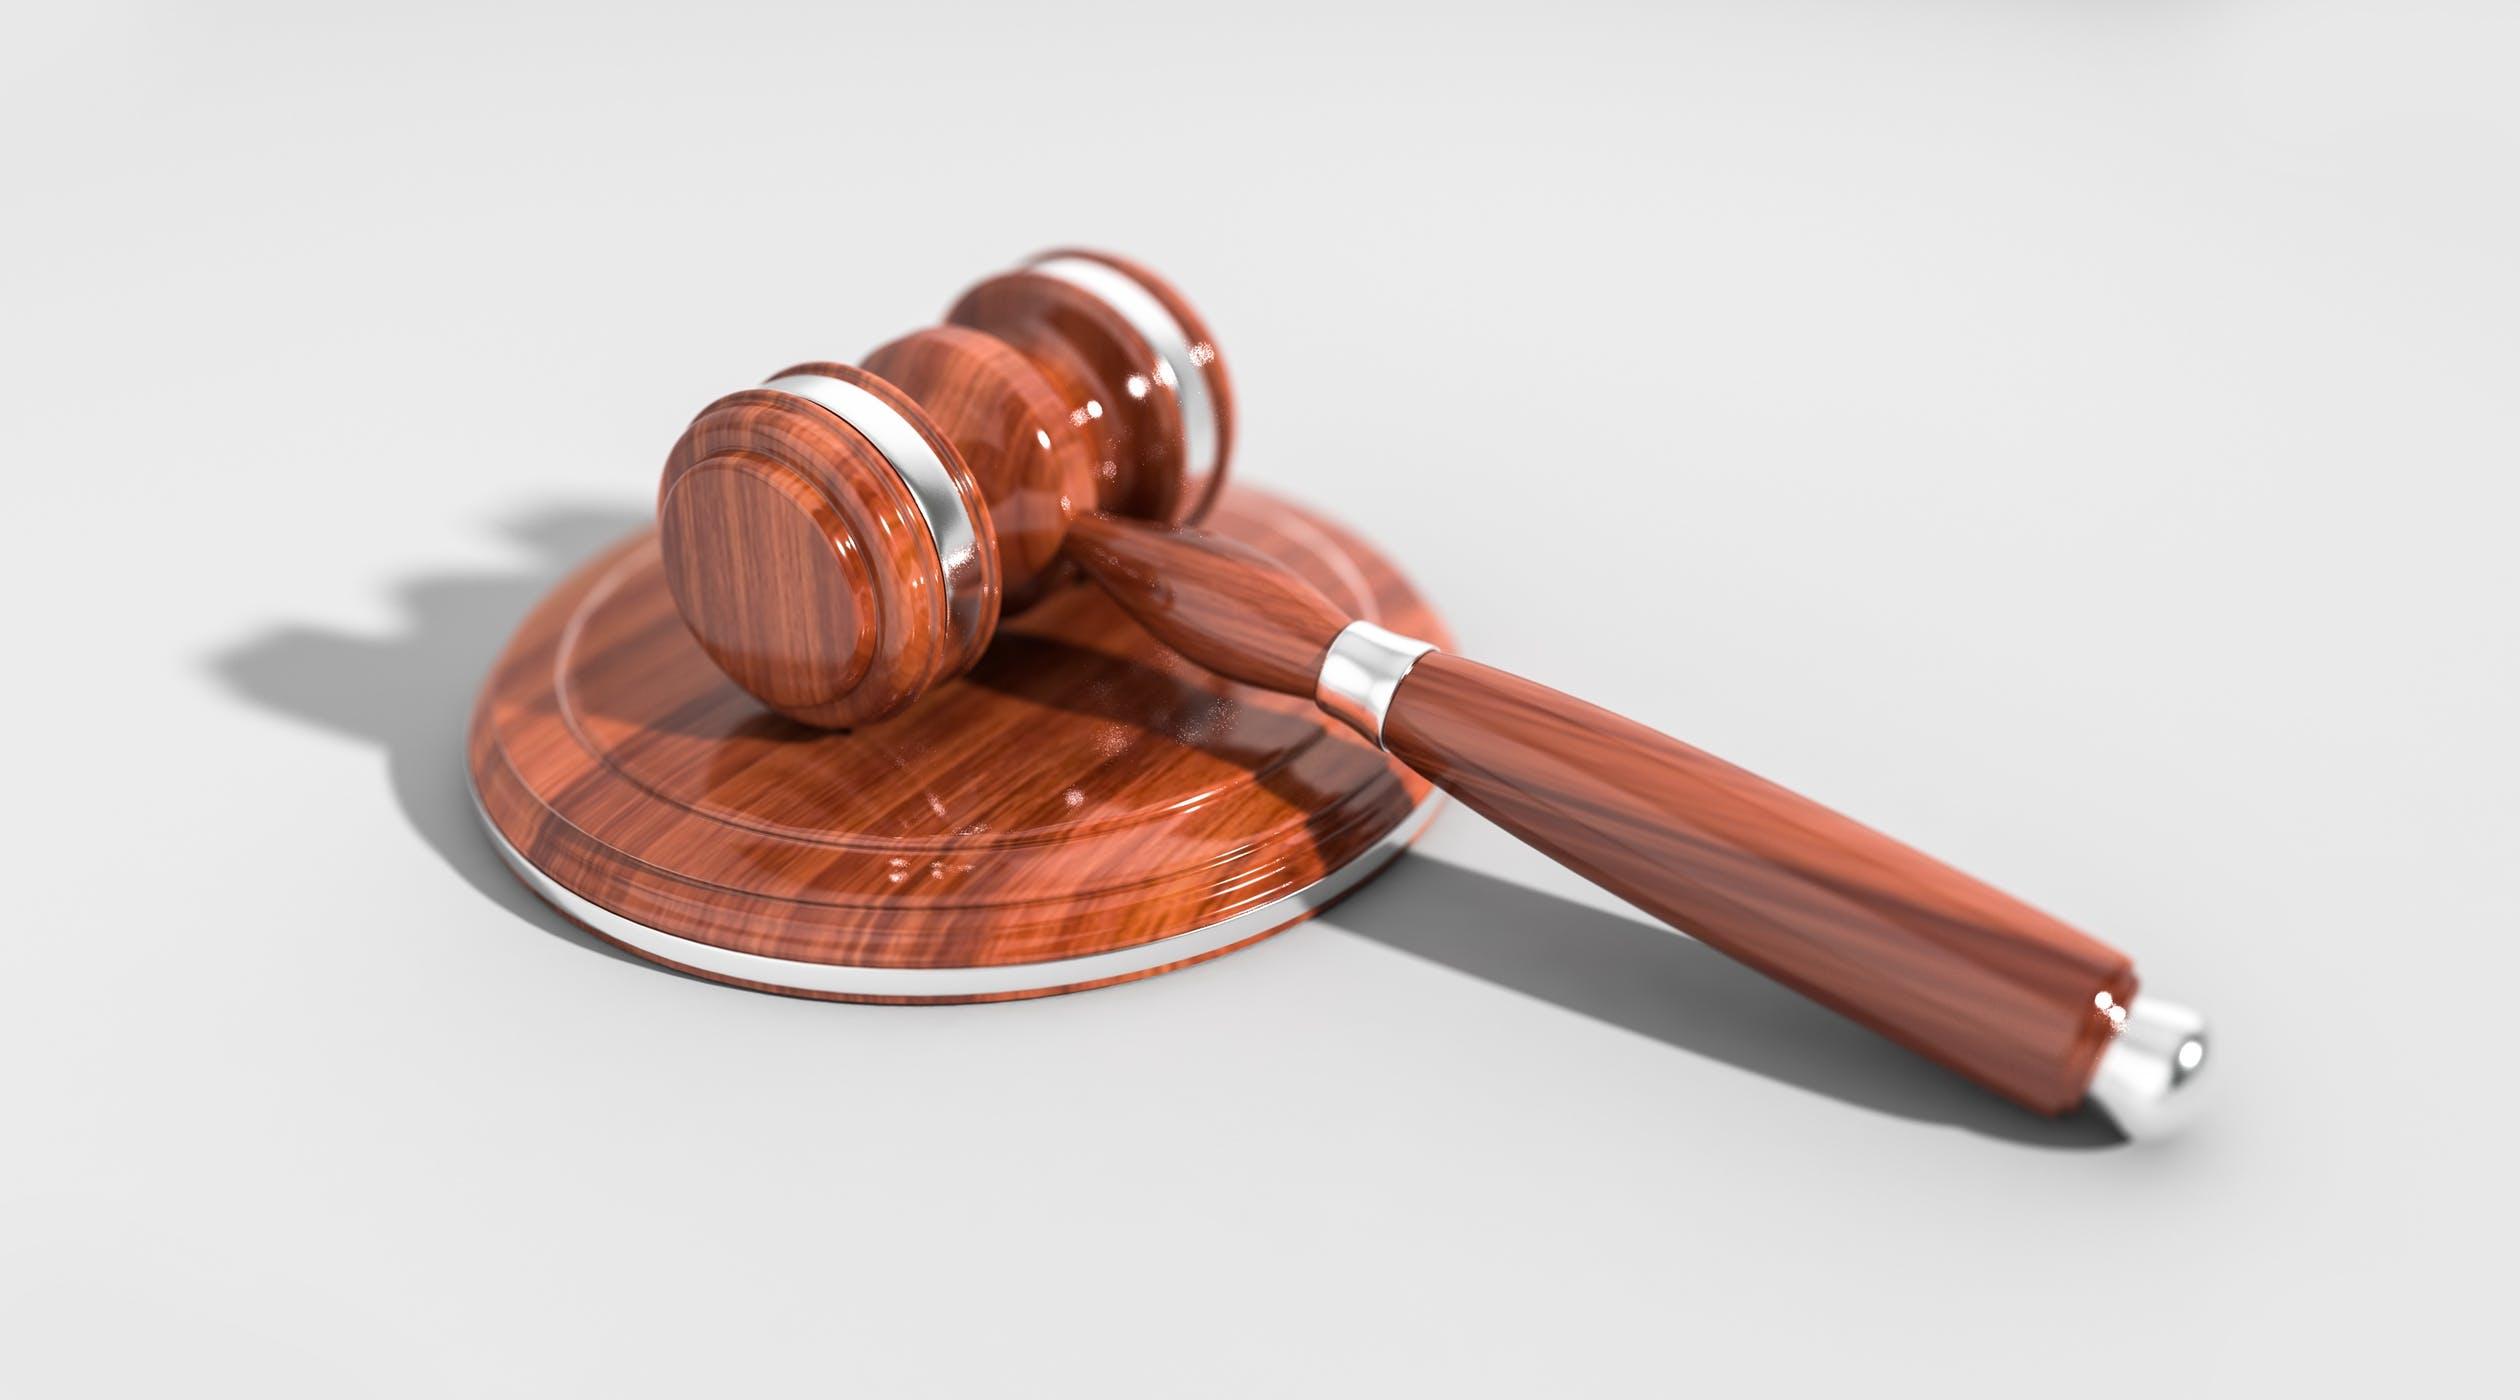 En tvist afgøres i sidste ende ved en retssag